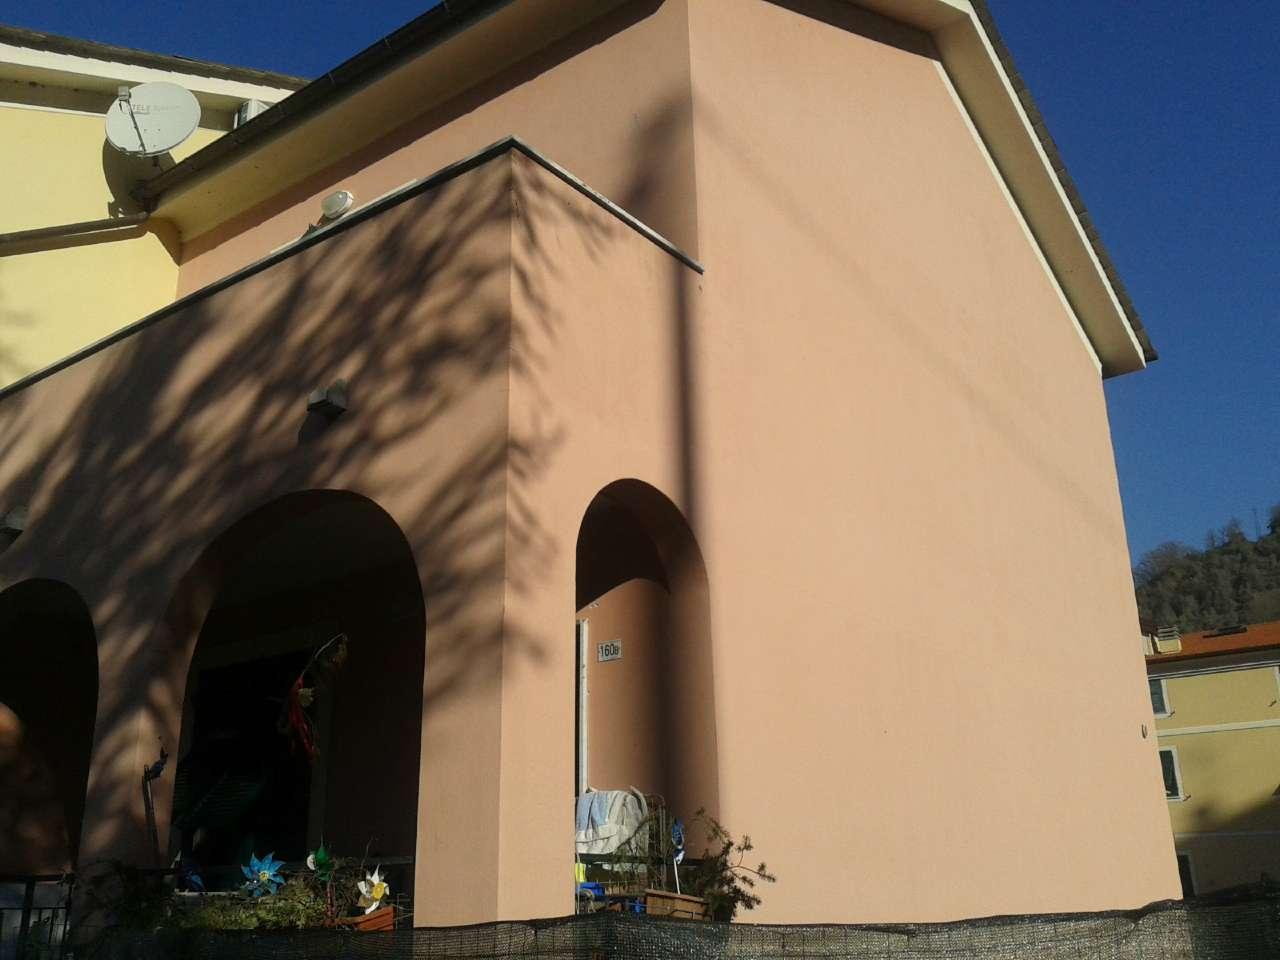 Soluzione Semindipendente in vendita a Borzonasca, 5 locali, prezzo € 159.000 | CambioCasa.it